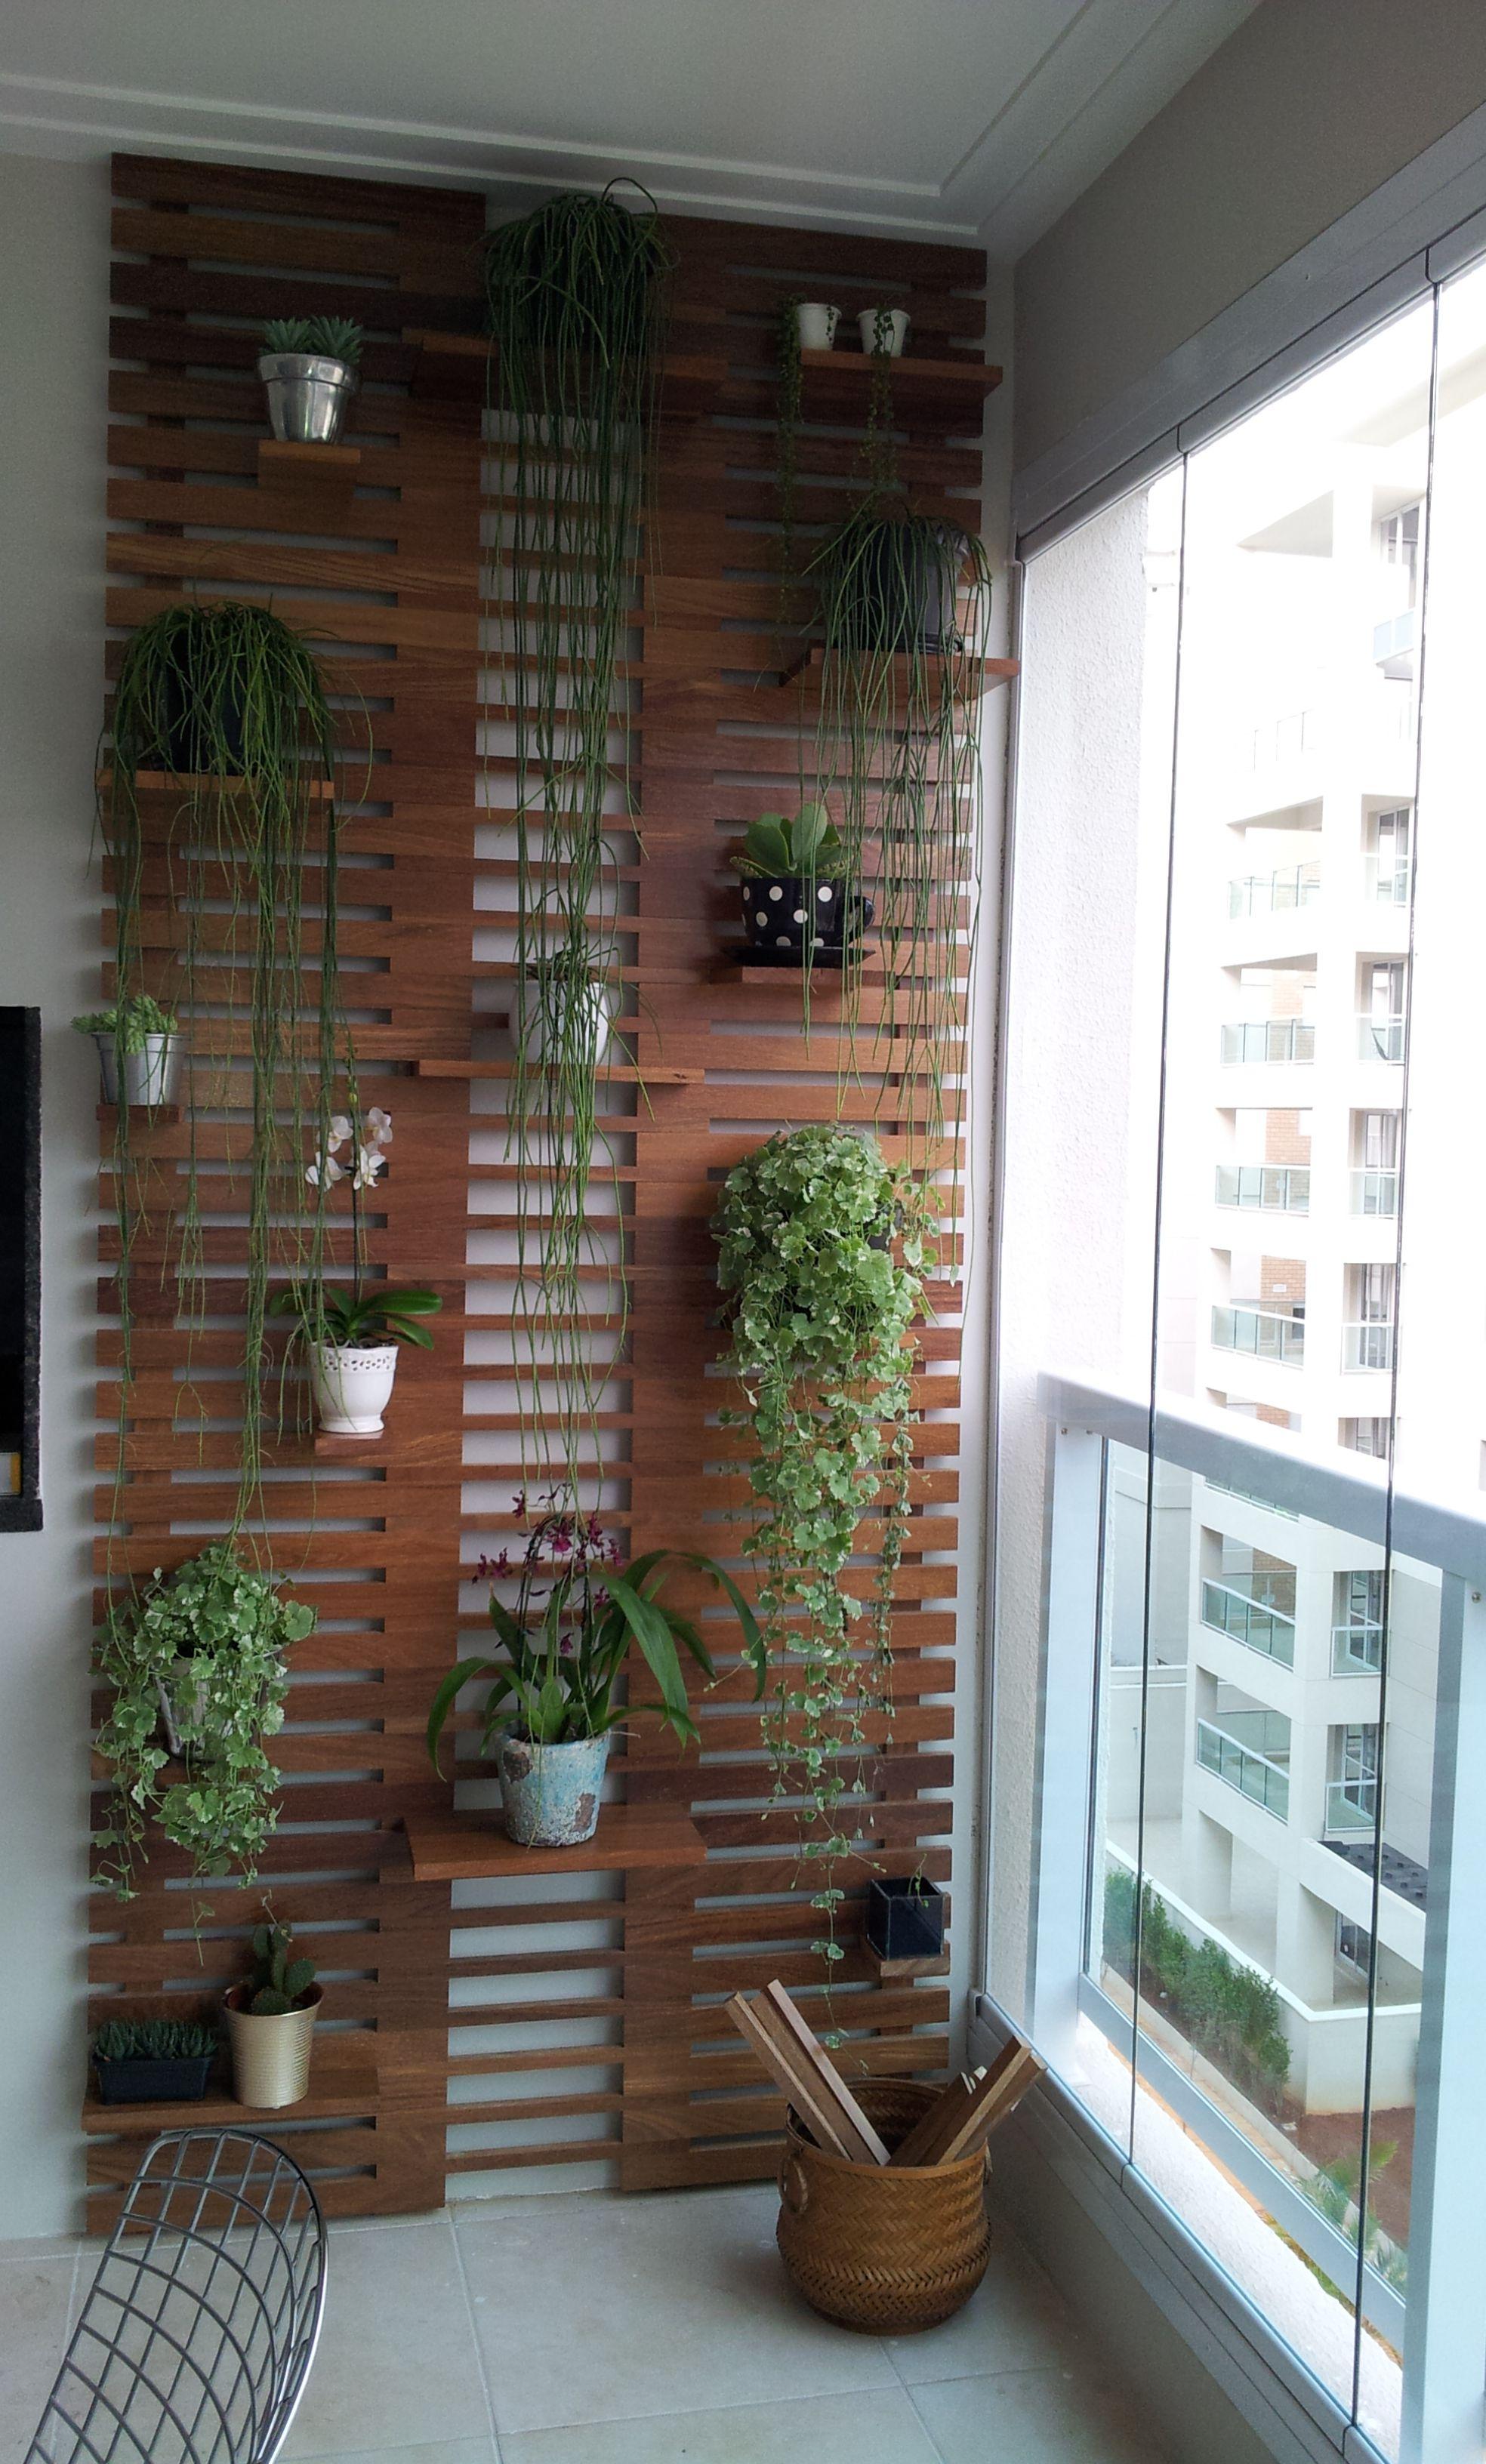 Jardim Vertical Marcelomobili Com Br Jardim Para Varanda Pequena Jardim Vertical Jardim Vertical Varanda